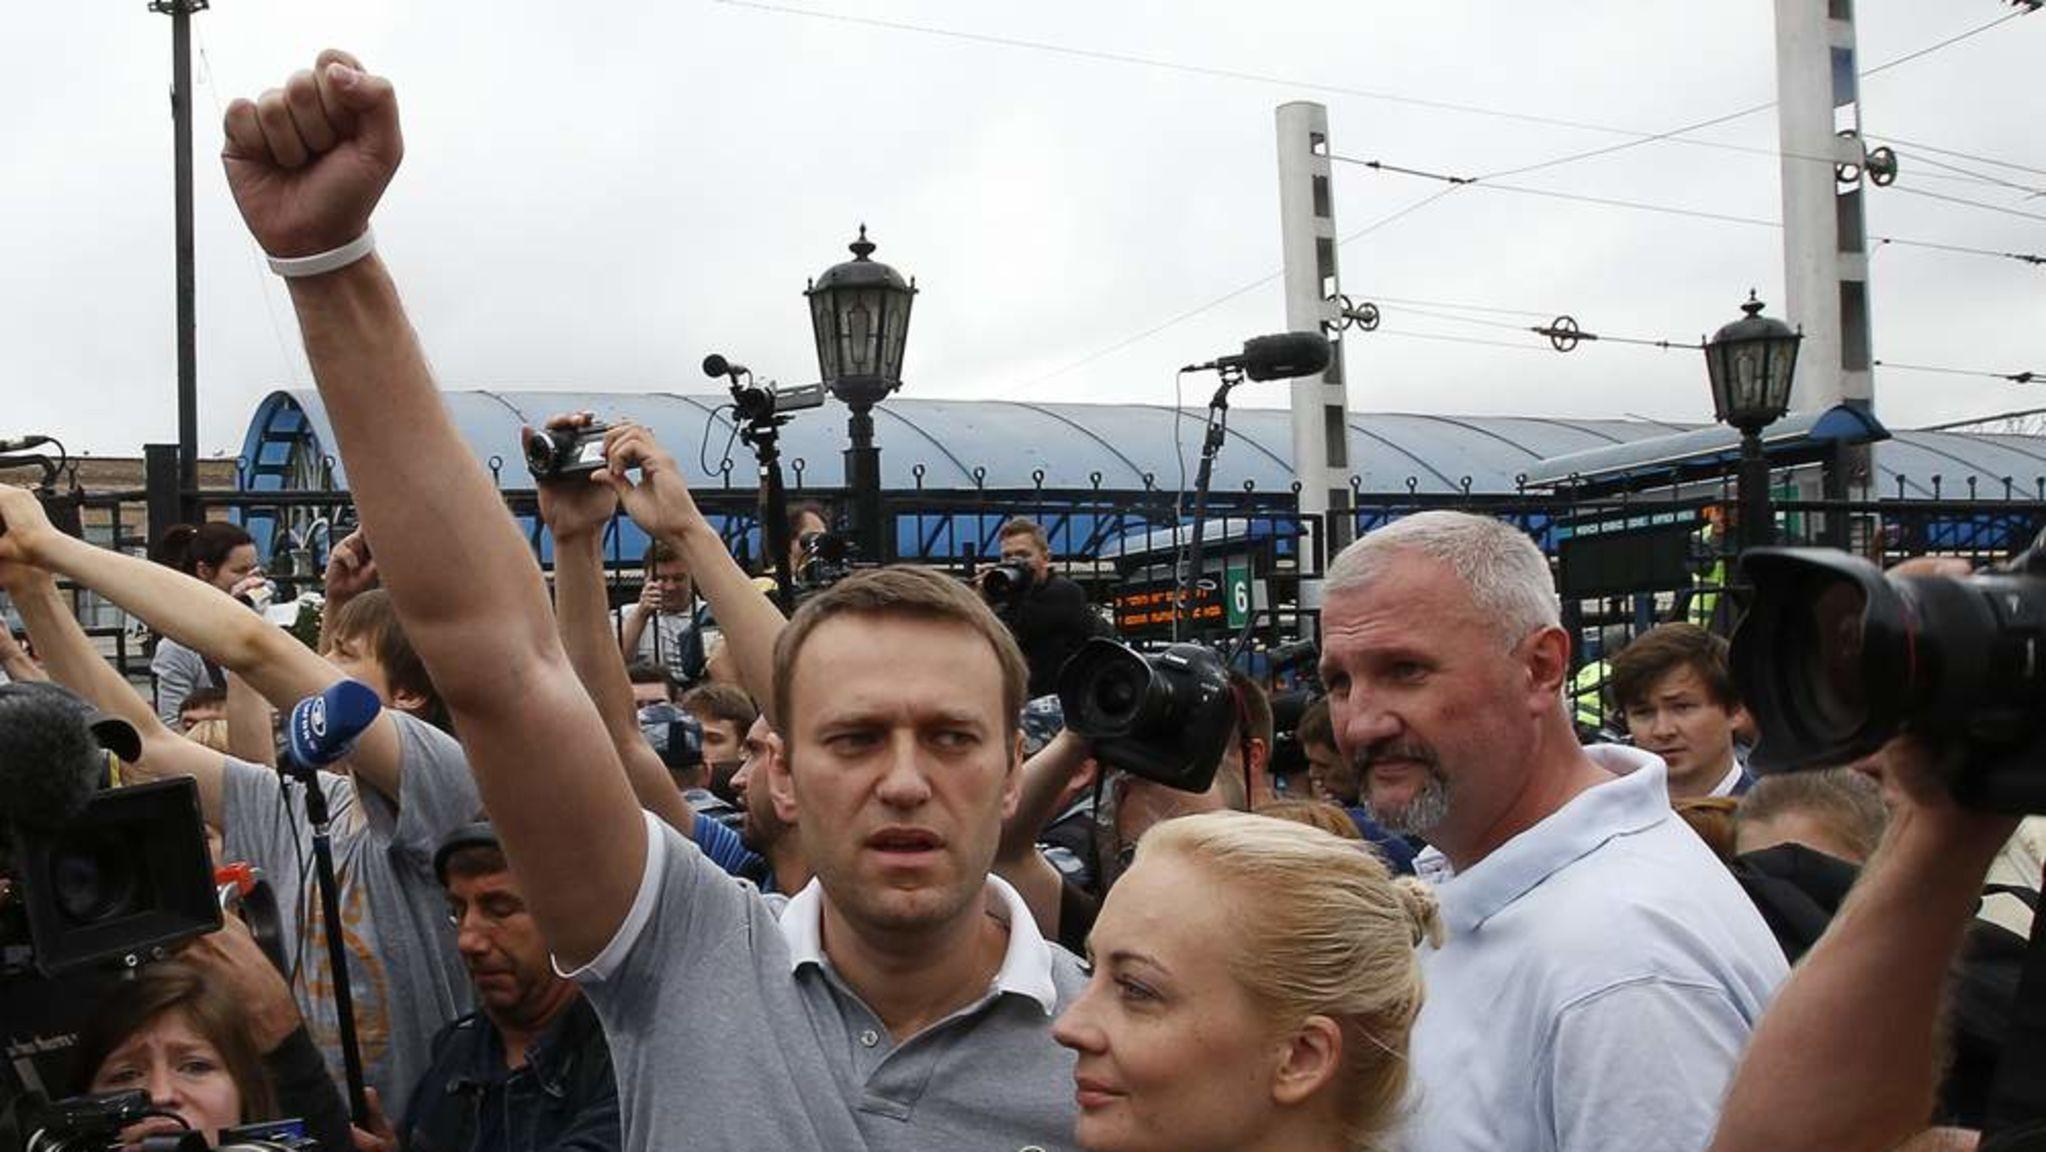 Митинг Алексея Навального вКрасноярске отменили